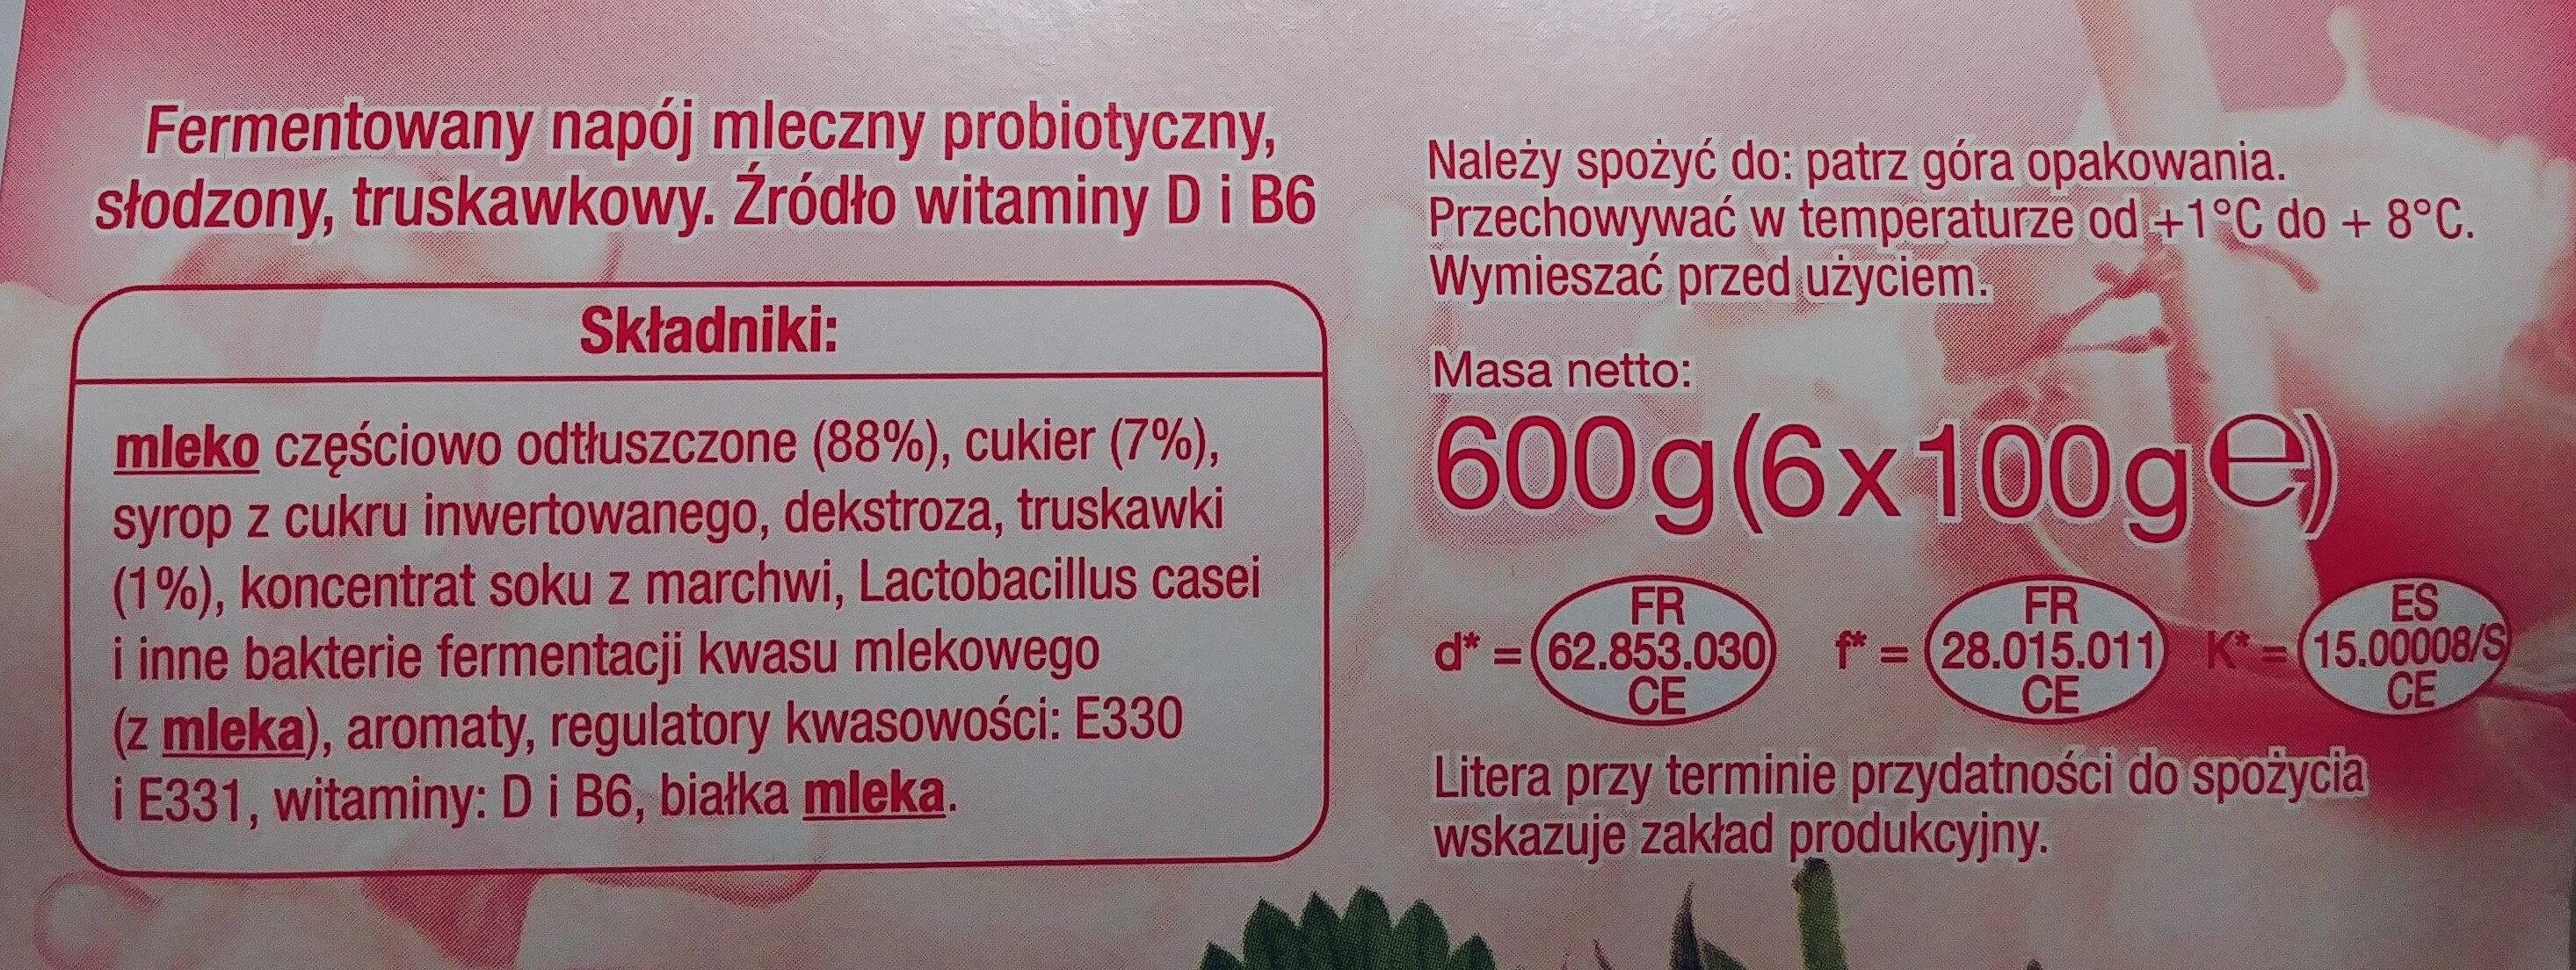 Fermentowany napój mleczny probiotyczny, słodzony, truskawkowy. - Składniki